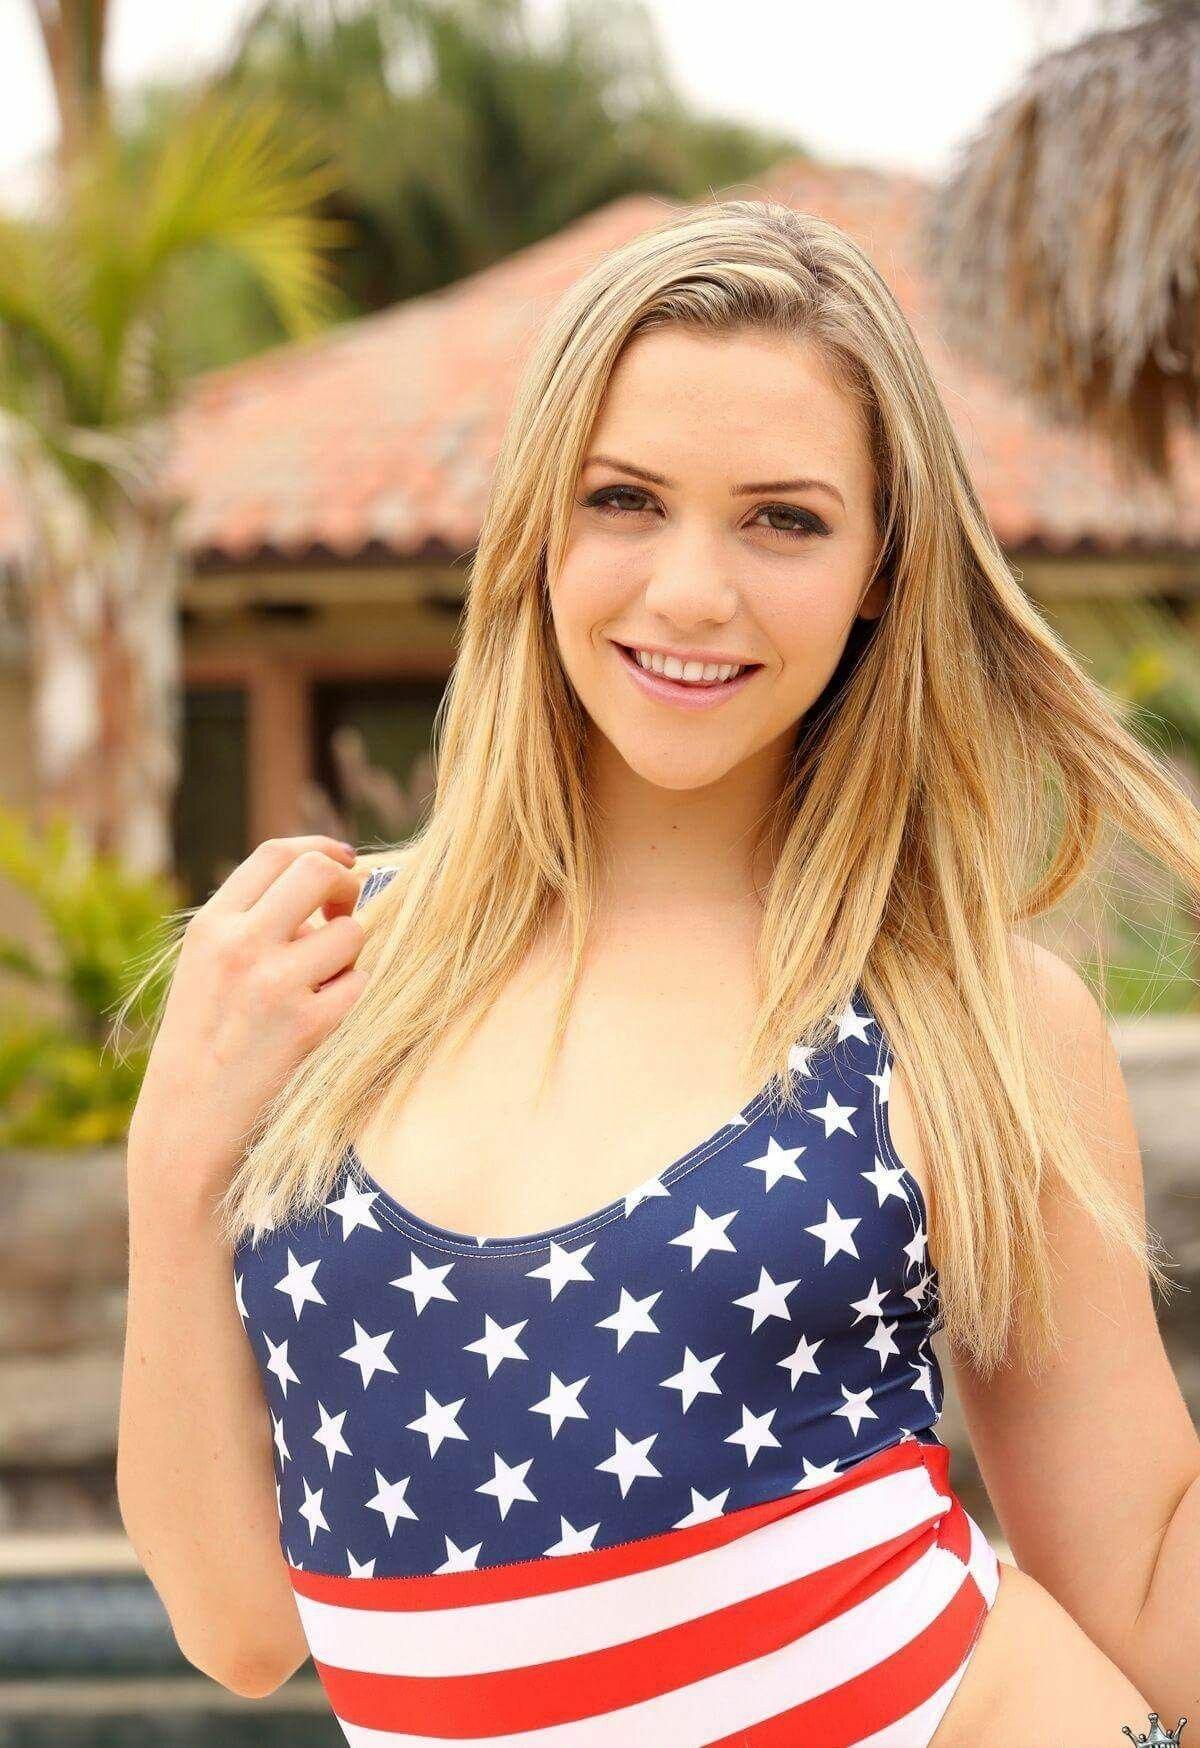 Hot girl of usa — img 4